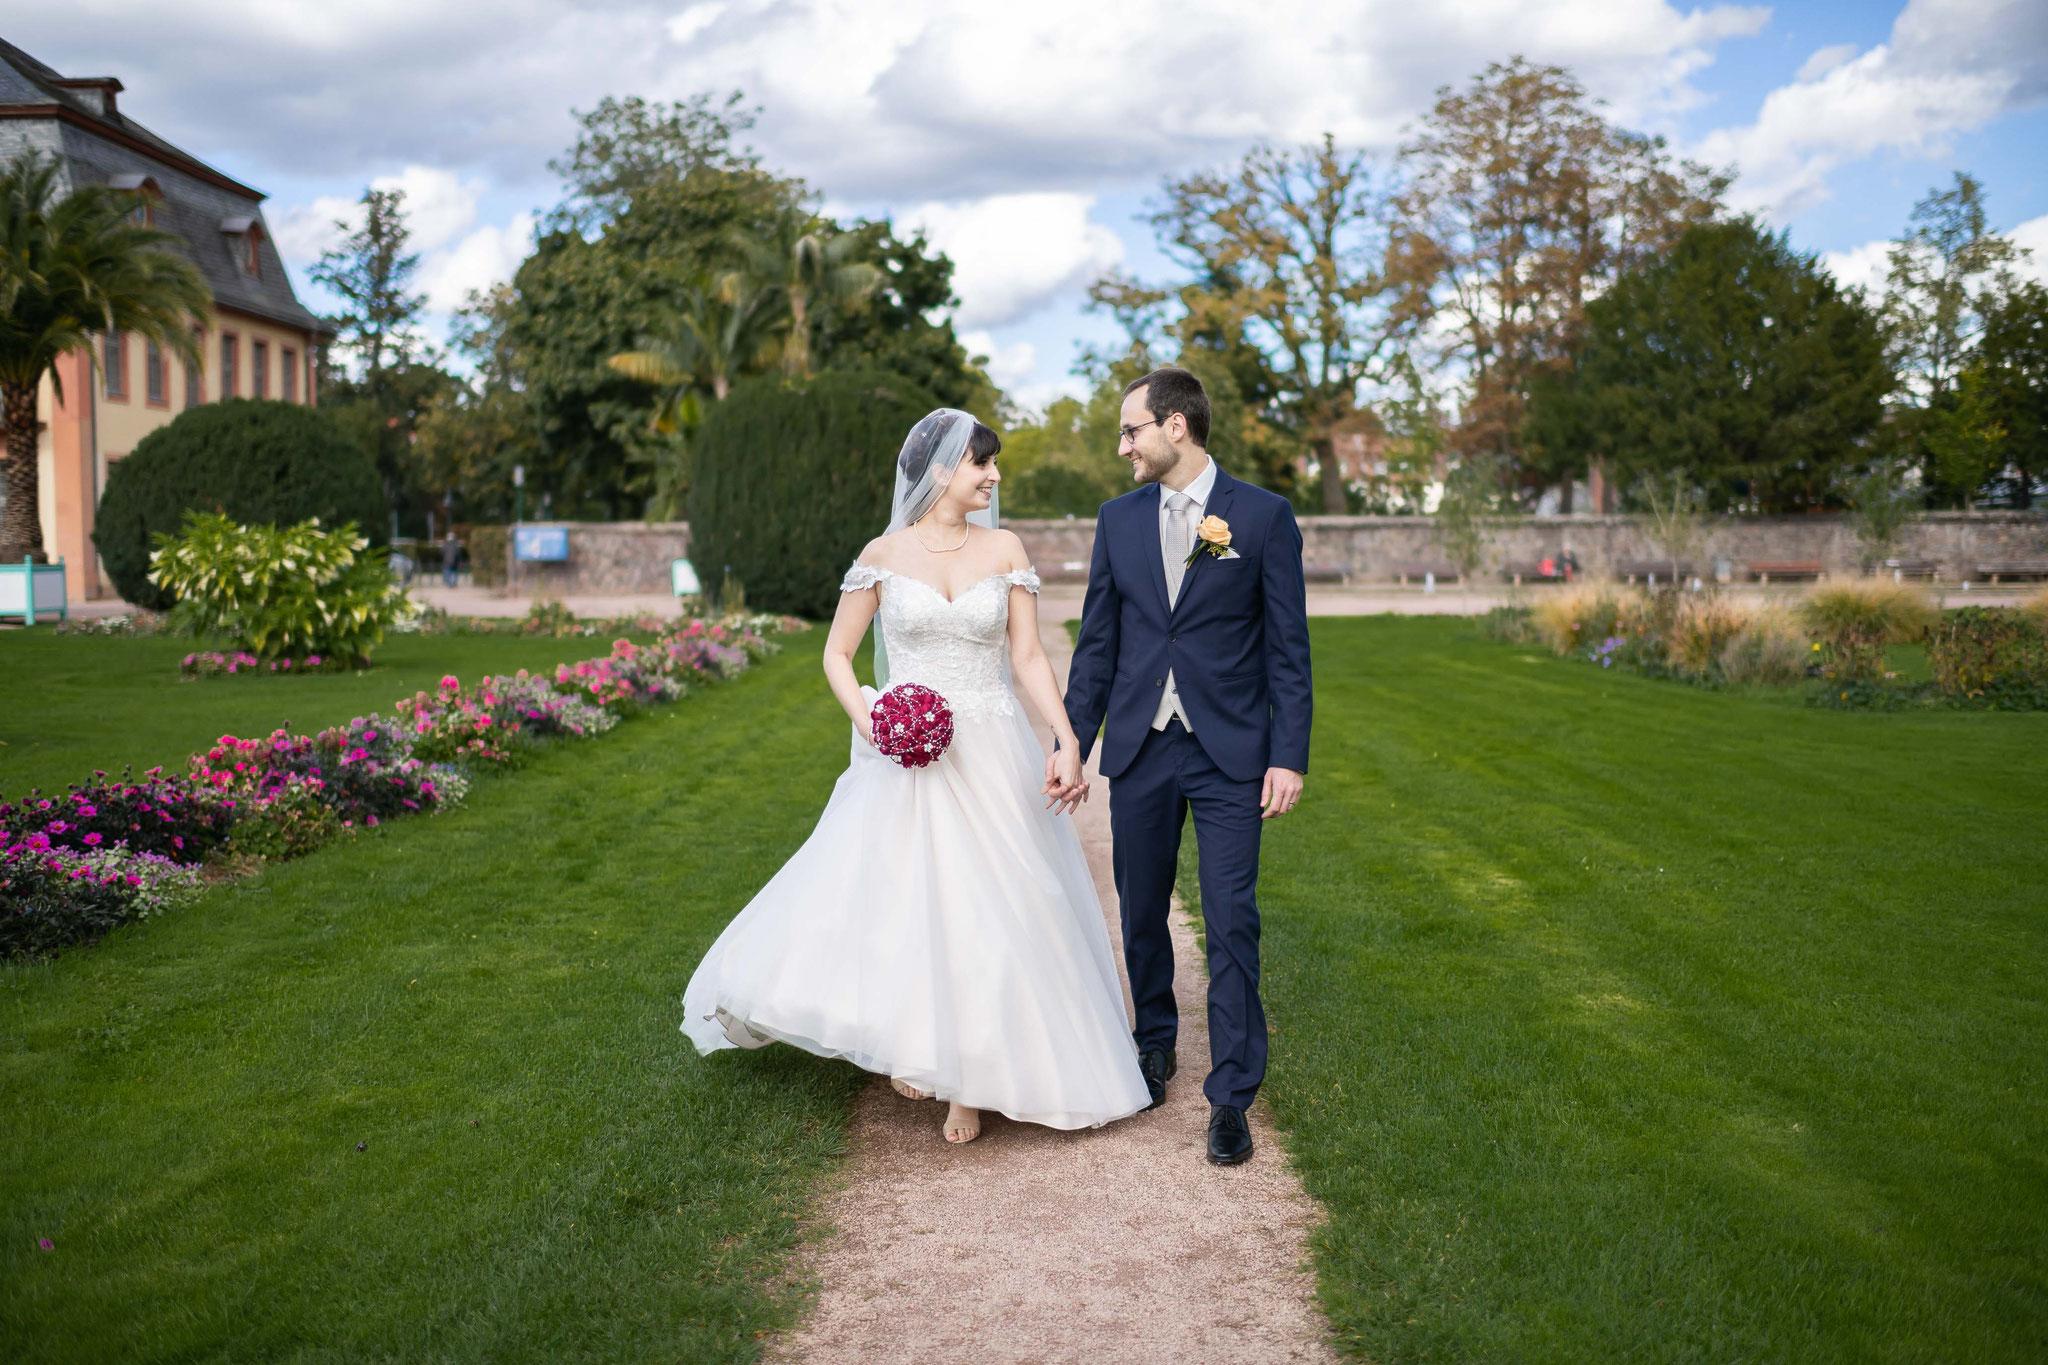 Romantisches und authentisches Brautpaarshooting in der Orangerie in Darmstadt